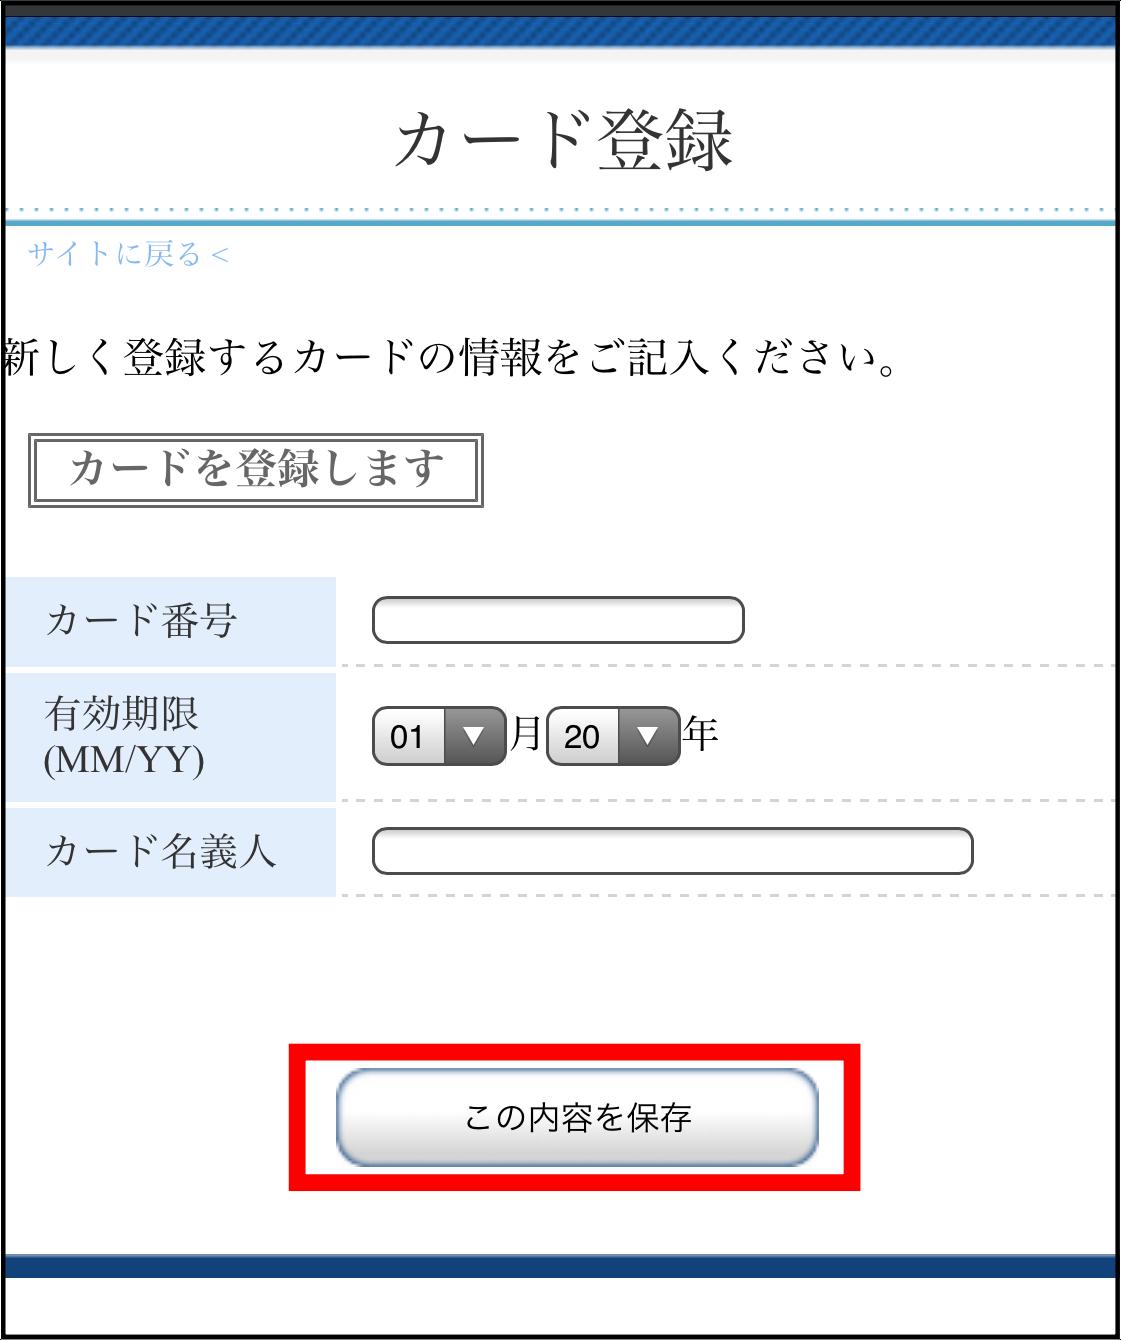 最安値保証Wi-Fiの申し込み